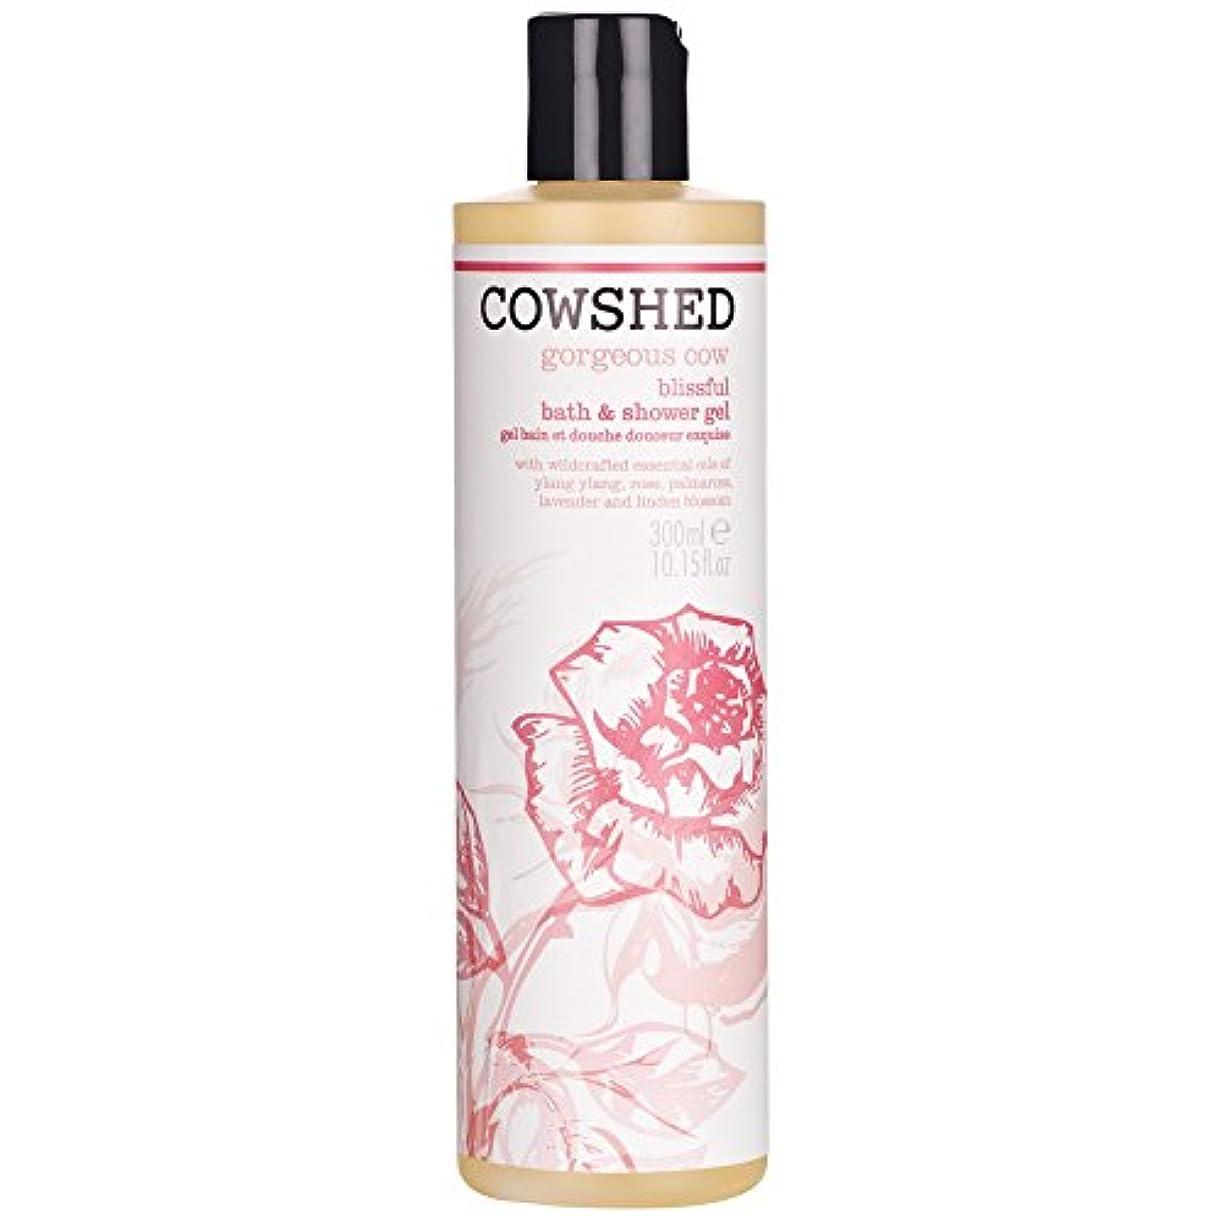 牛舎ゴージャスな牛のバス&シャワージェル300ミリリットル (Cowshed) (x6) - Cowshed Gorgeous Cow Bath & Shower Gel 300ml (Pack of 6) [並行輸入品]